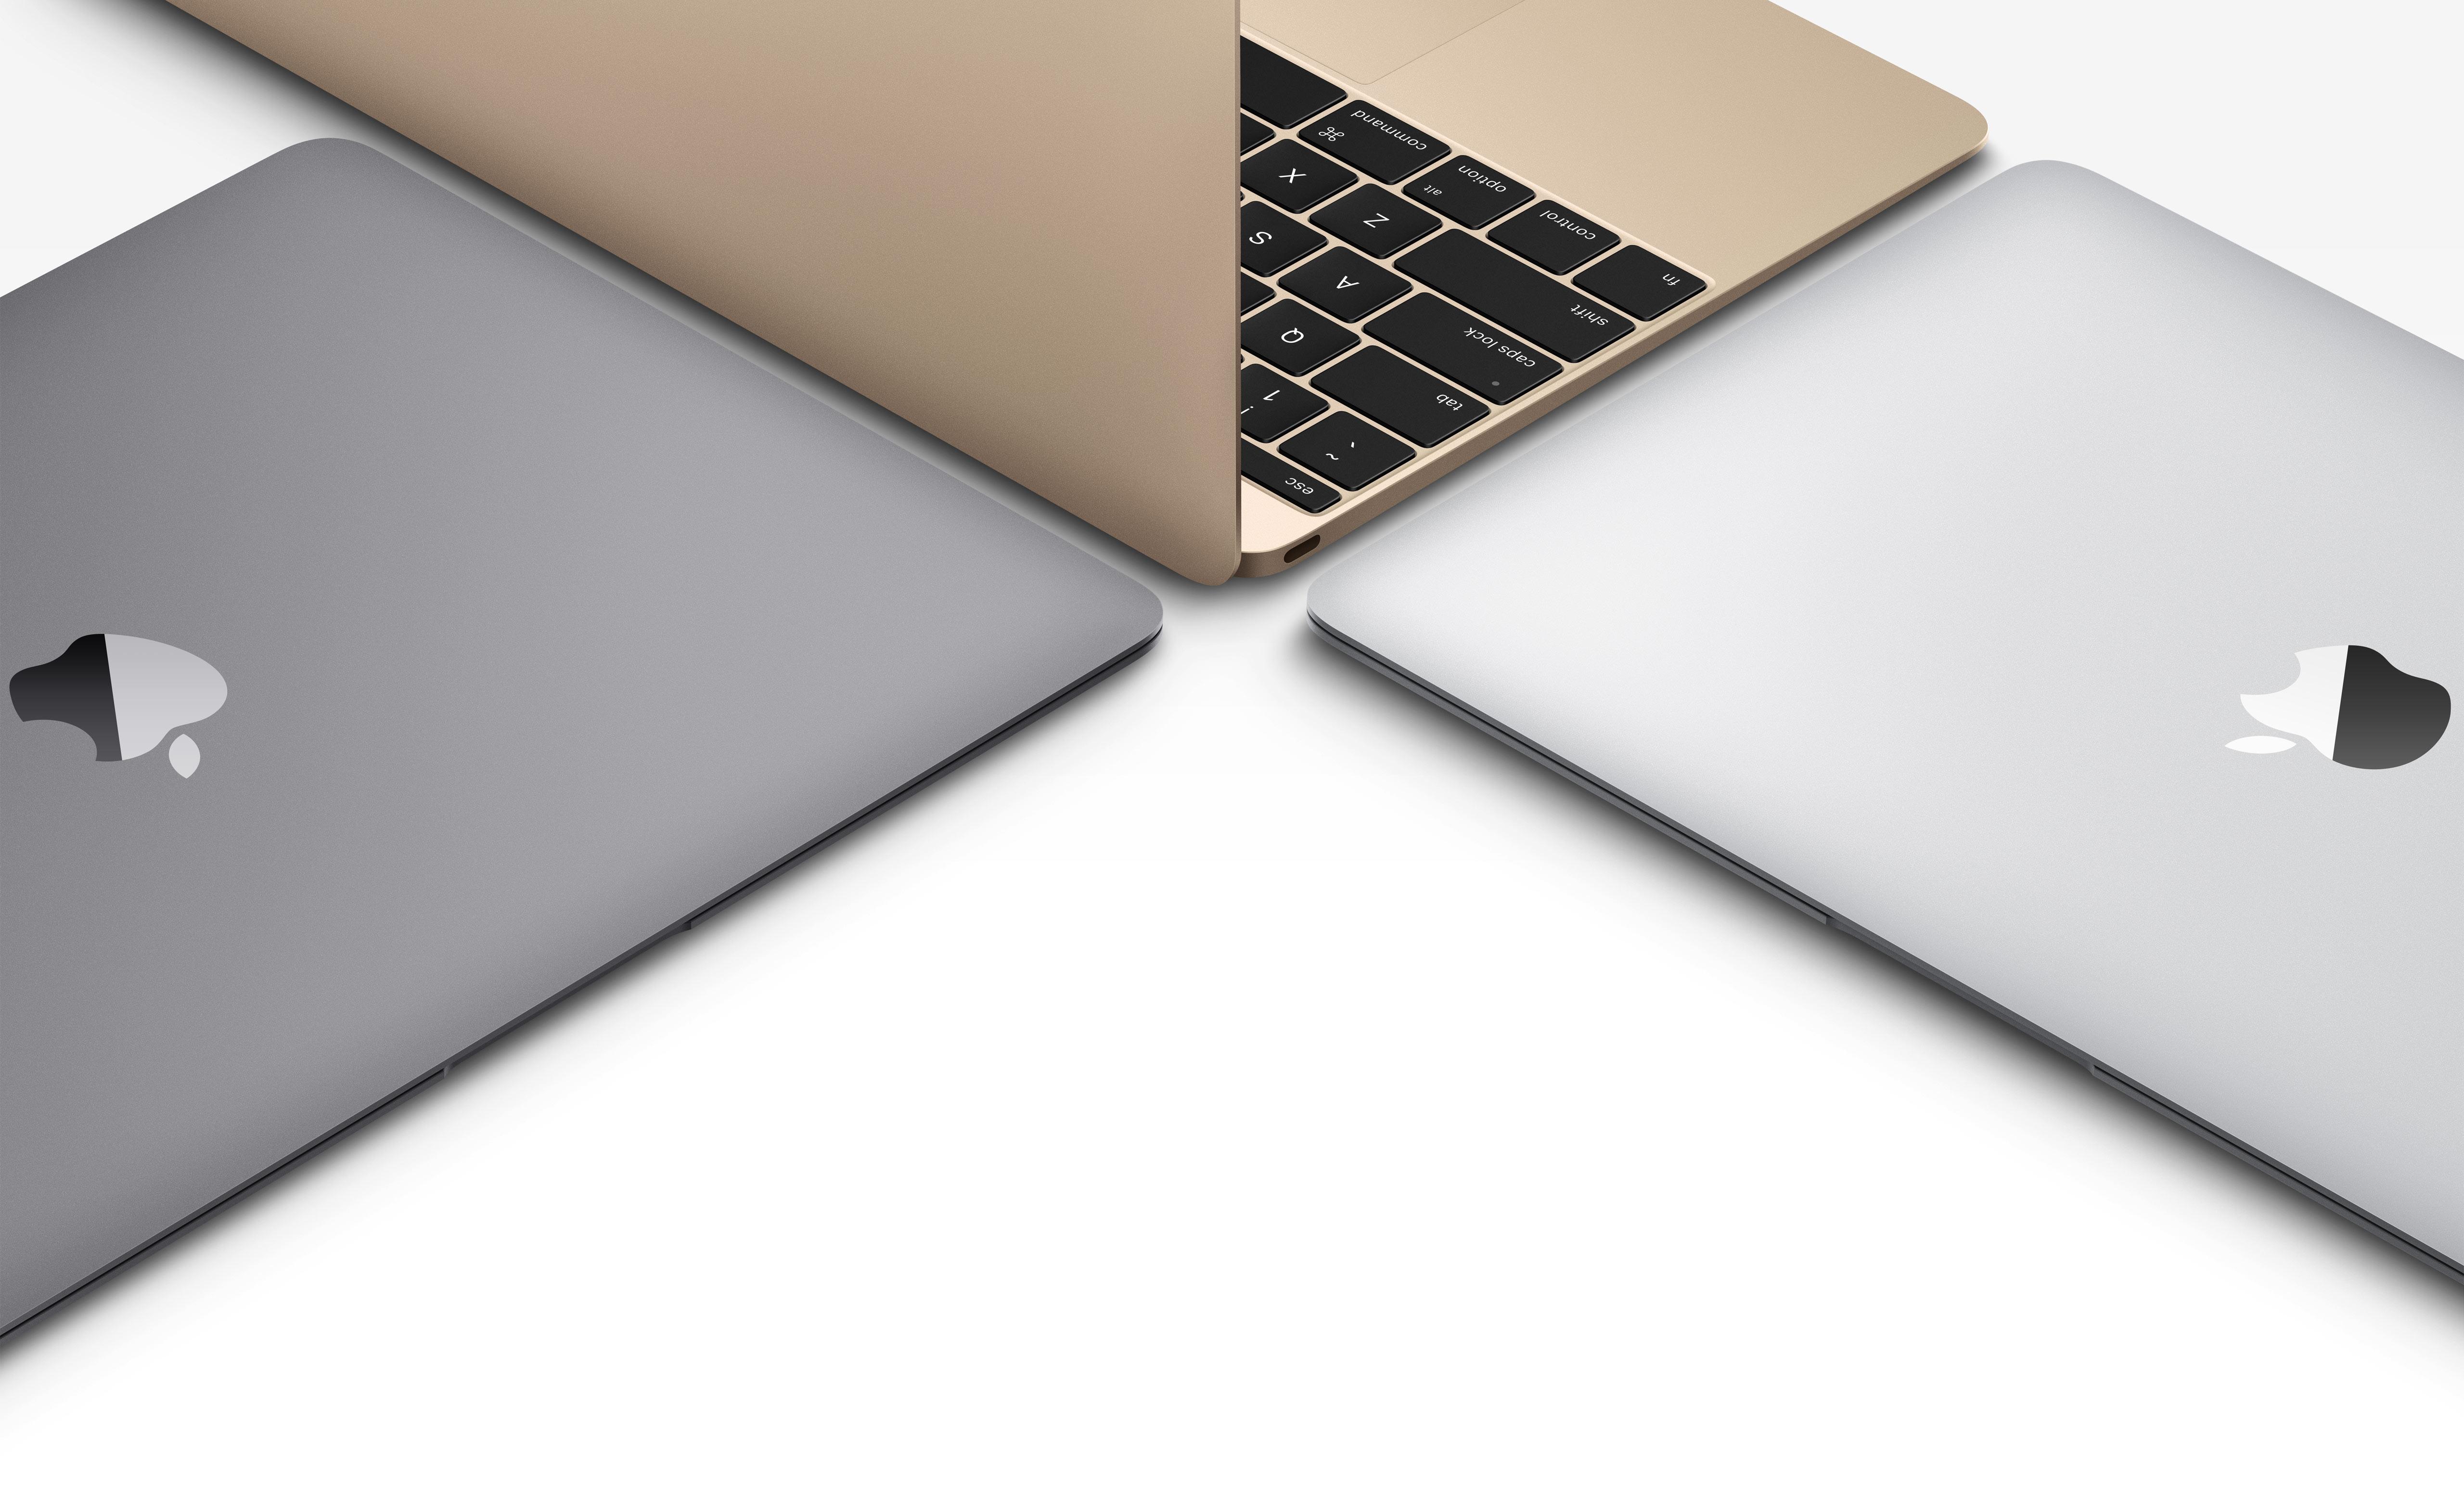 New 12 inch MacBook